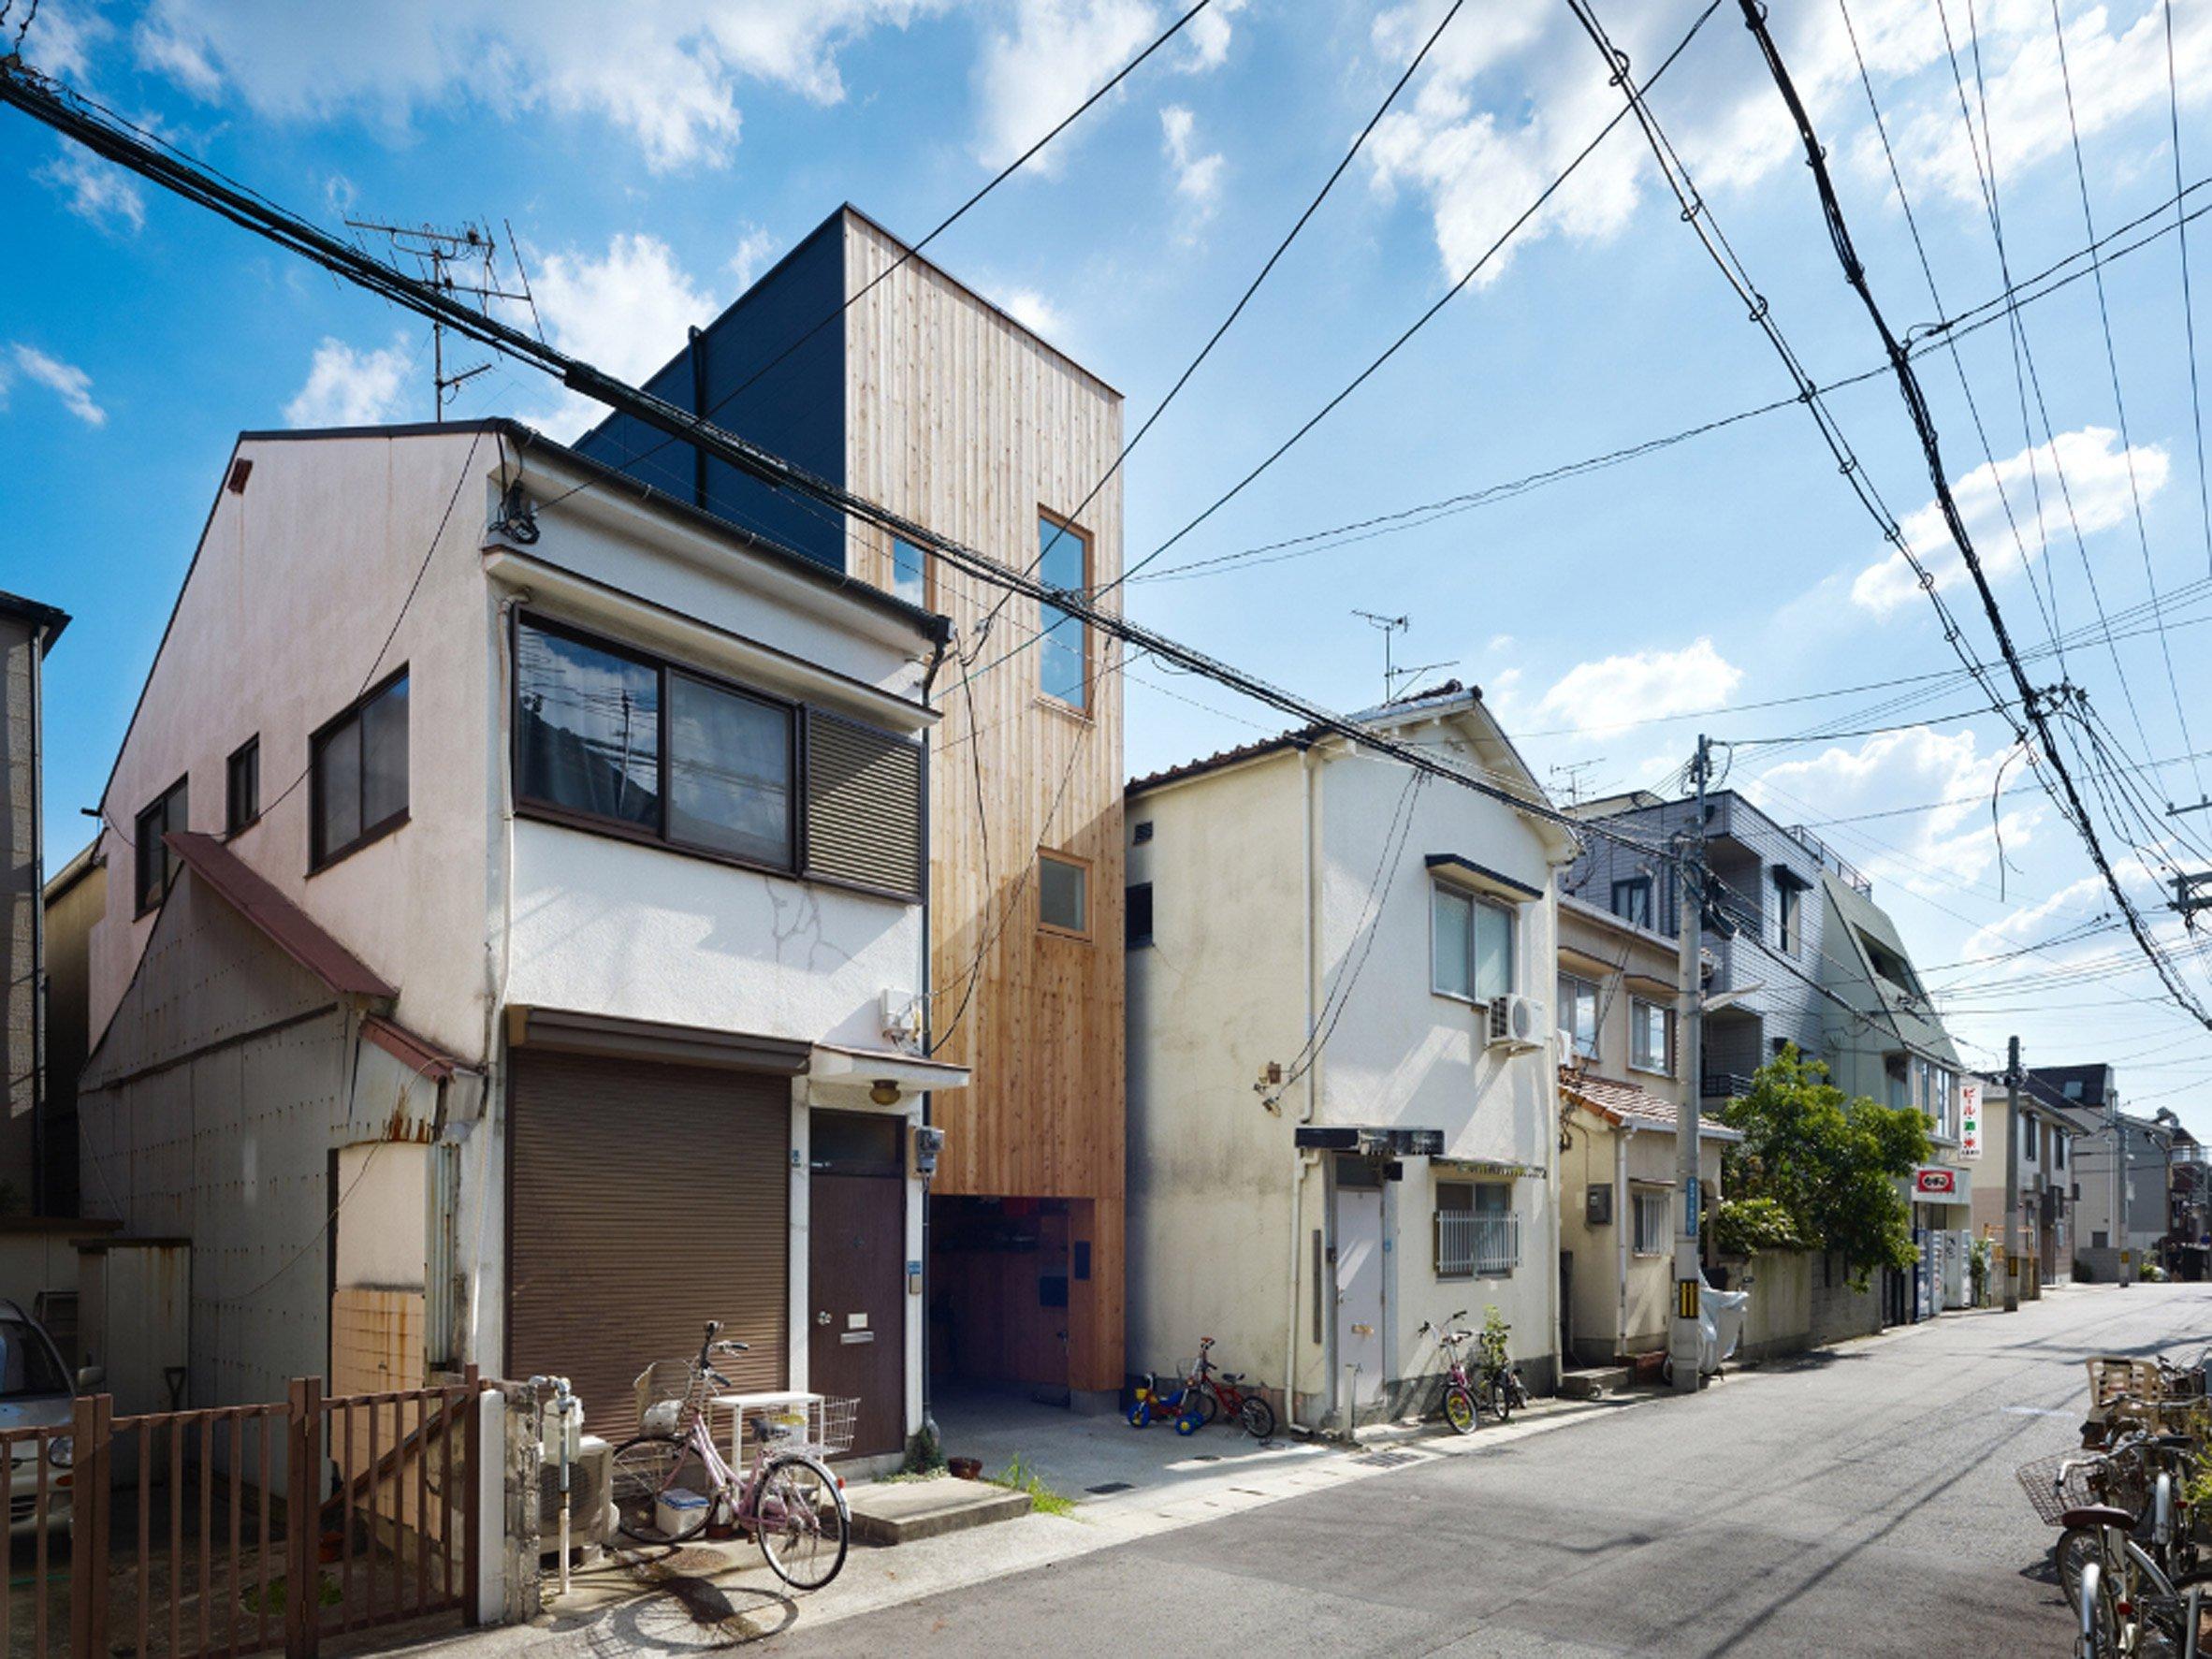 Japanese skinny house reaches skyward